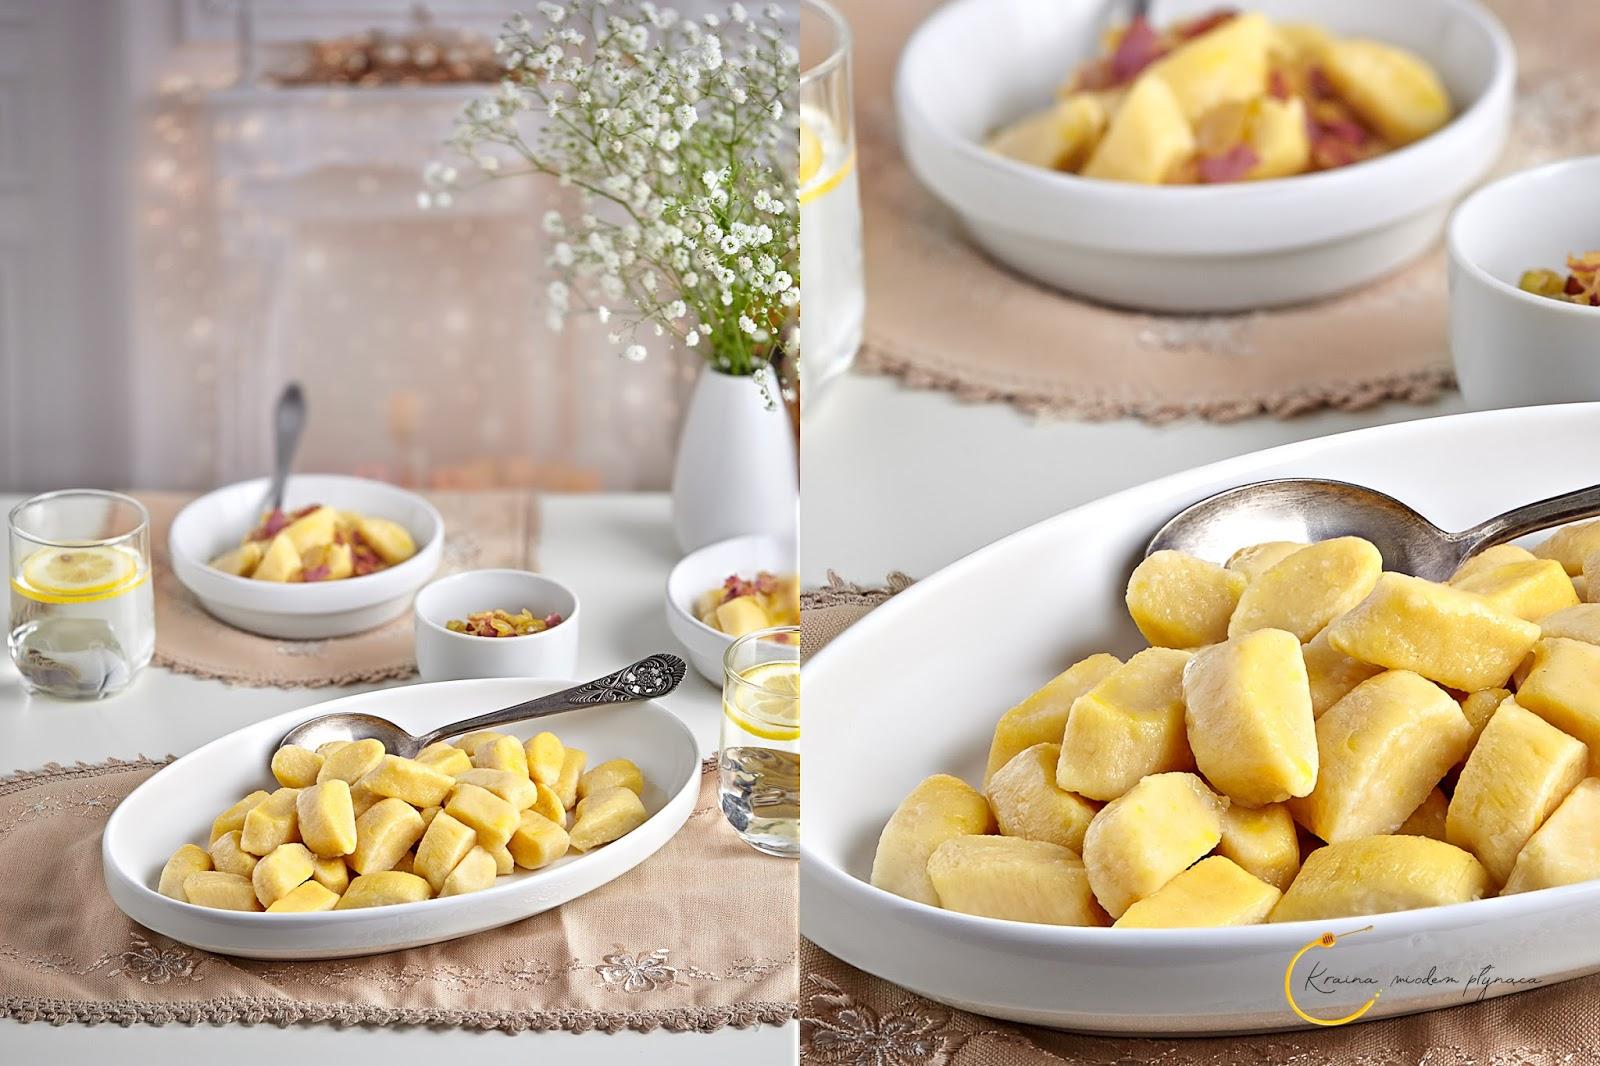 kopytka leniwe, kopytka z ziemniakami i twarogiem, kopytka twarogowe, kopytka ziemniaczane, kluski leniwe, domowe kluseczki, kraina miodem płynąca, fotografia kulinarna